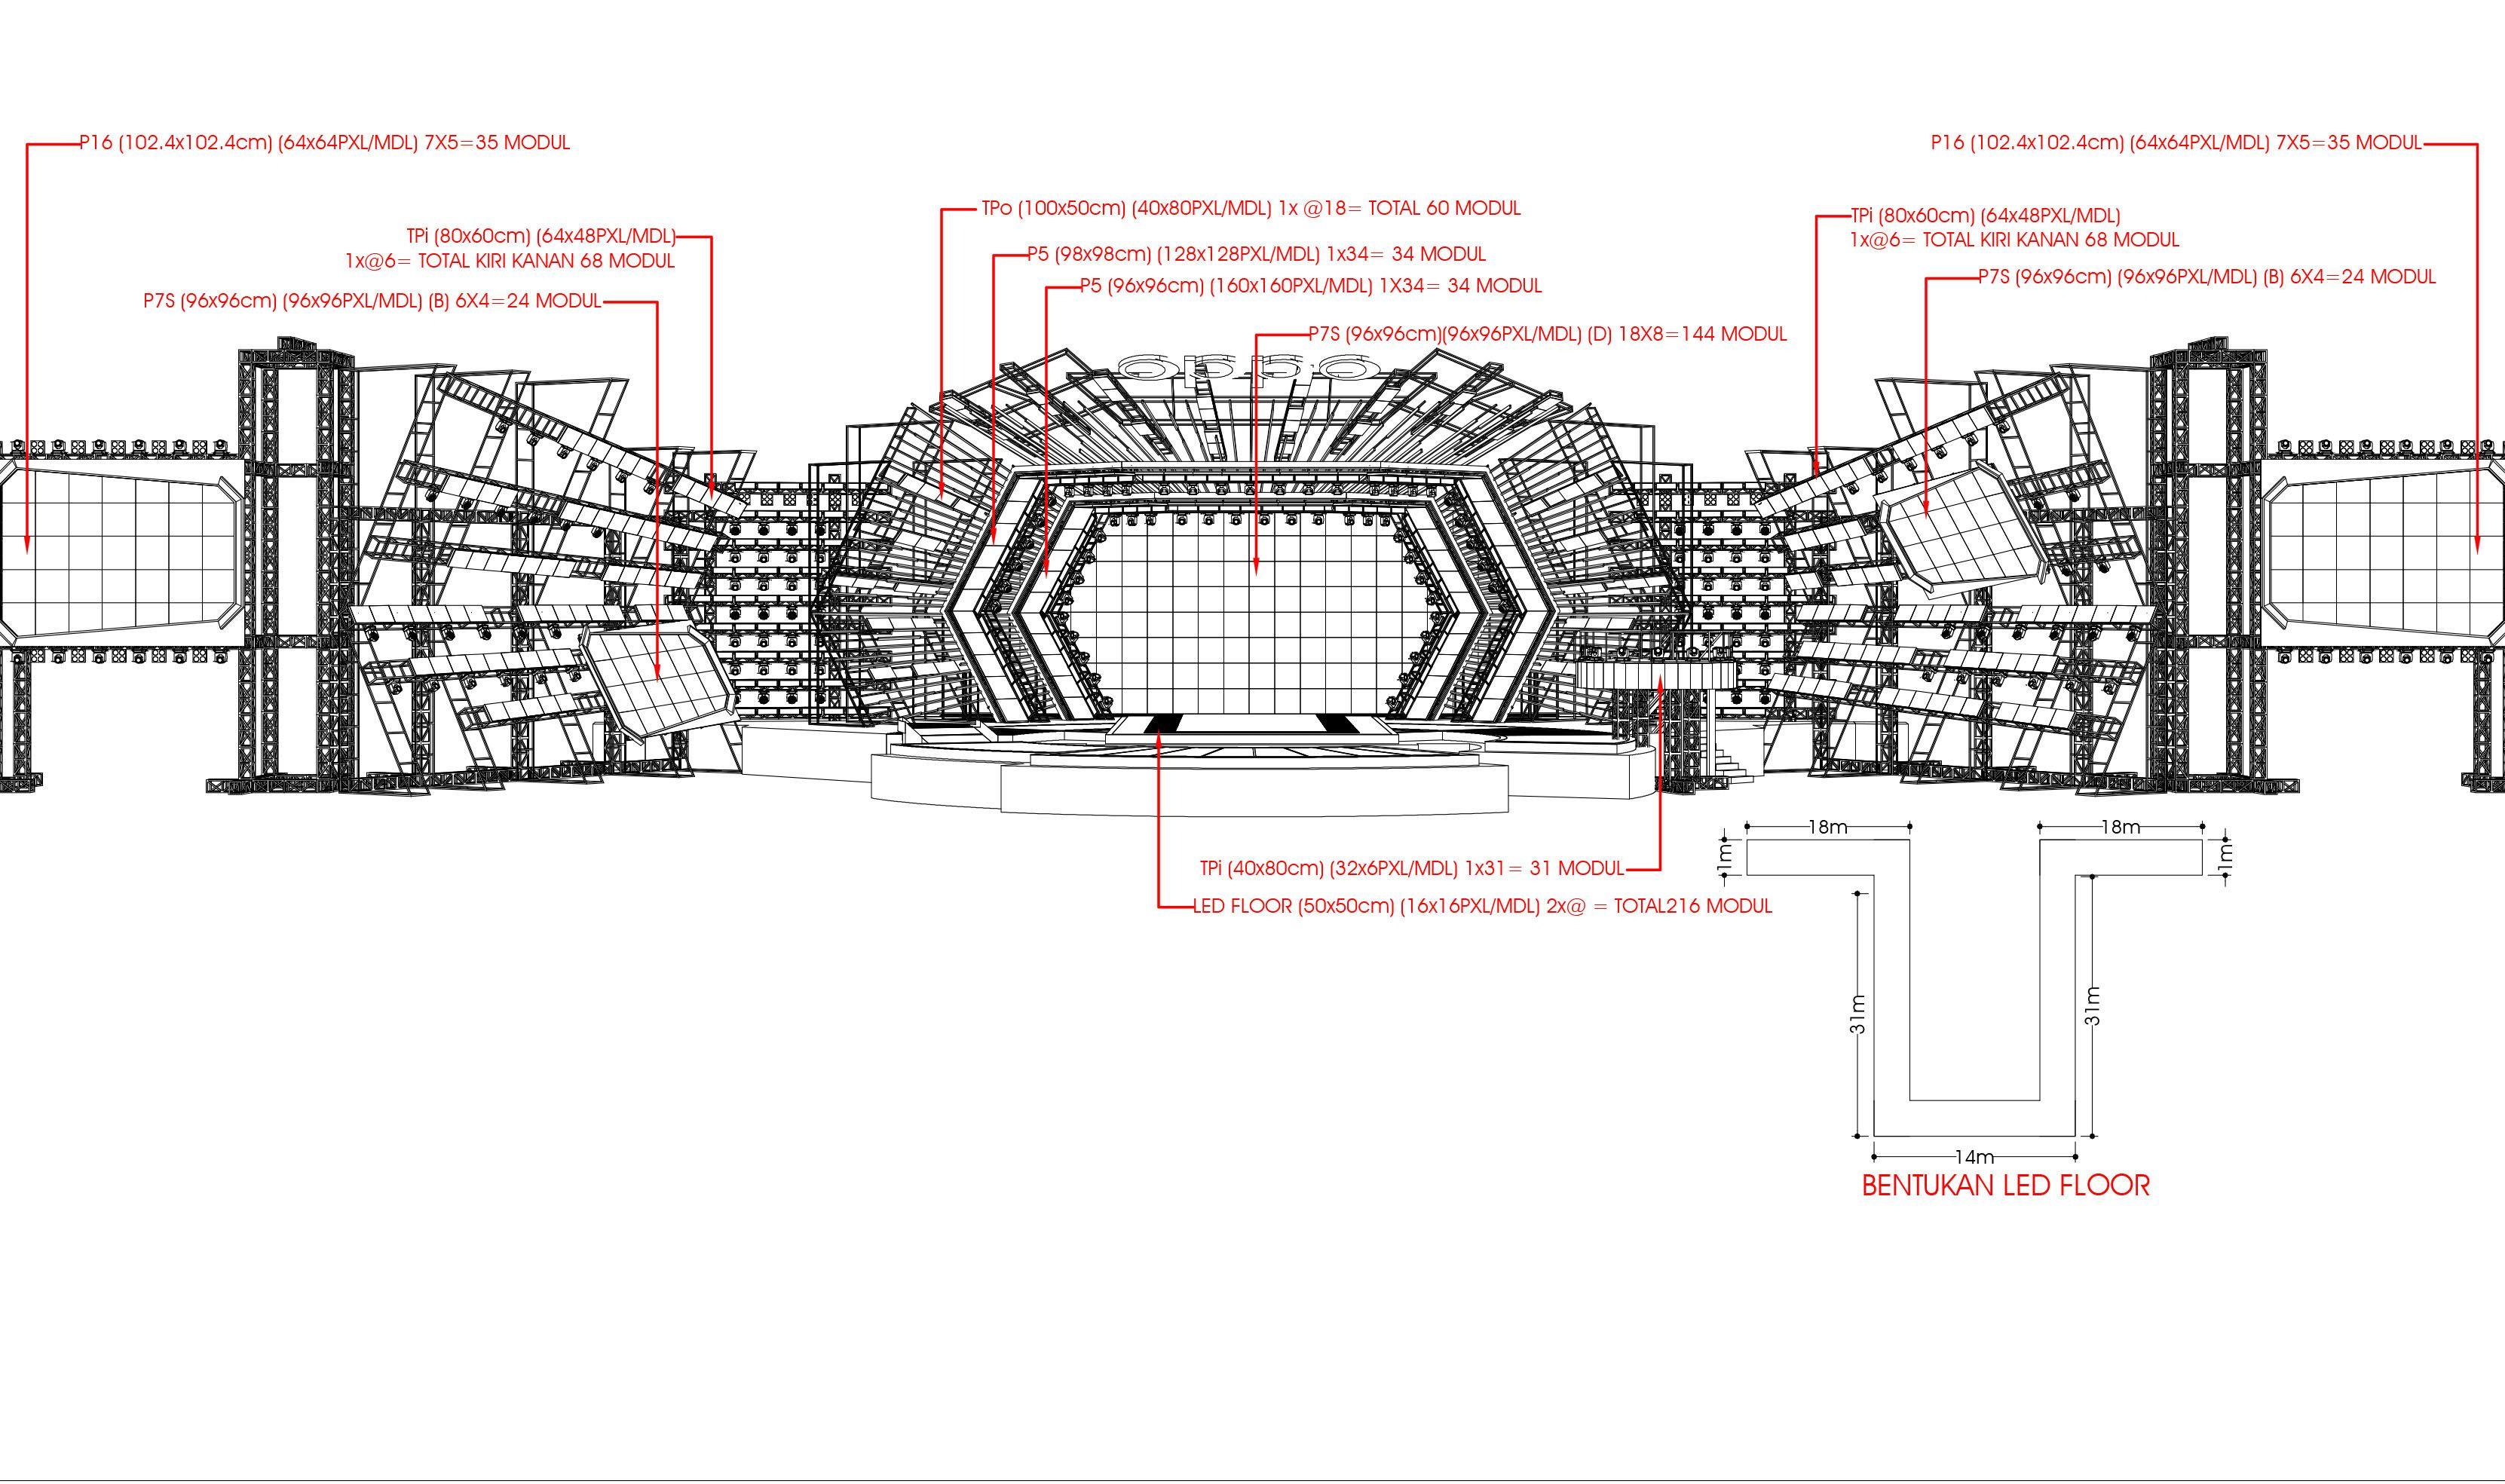 Stage Concert Concert Stage Design Stage Set Design Stage Lighting Design